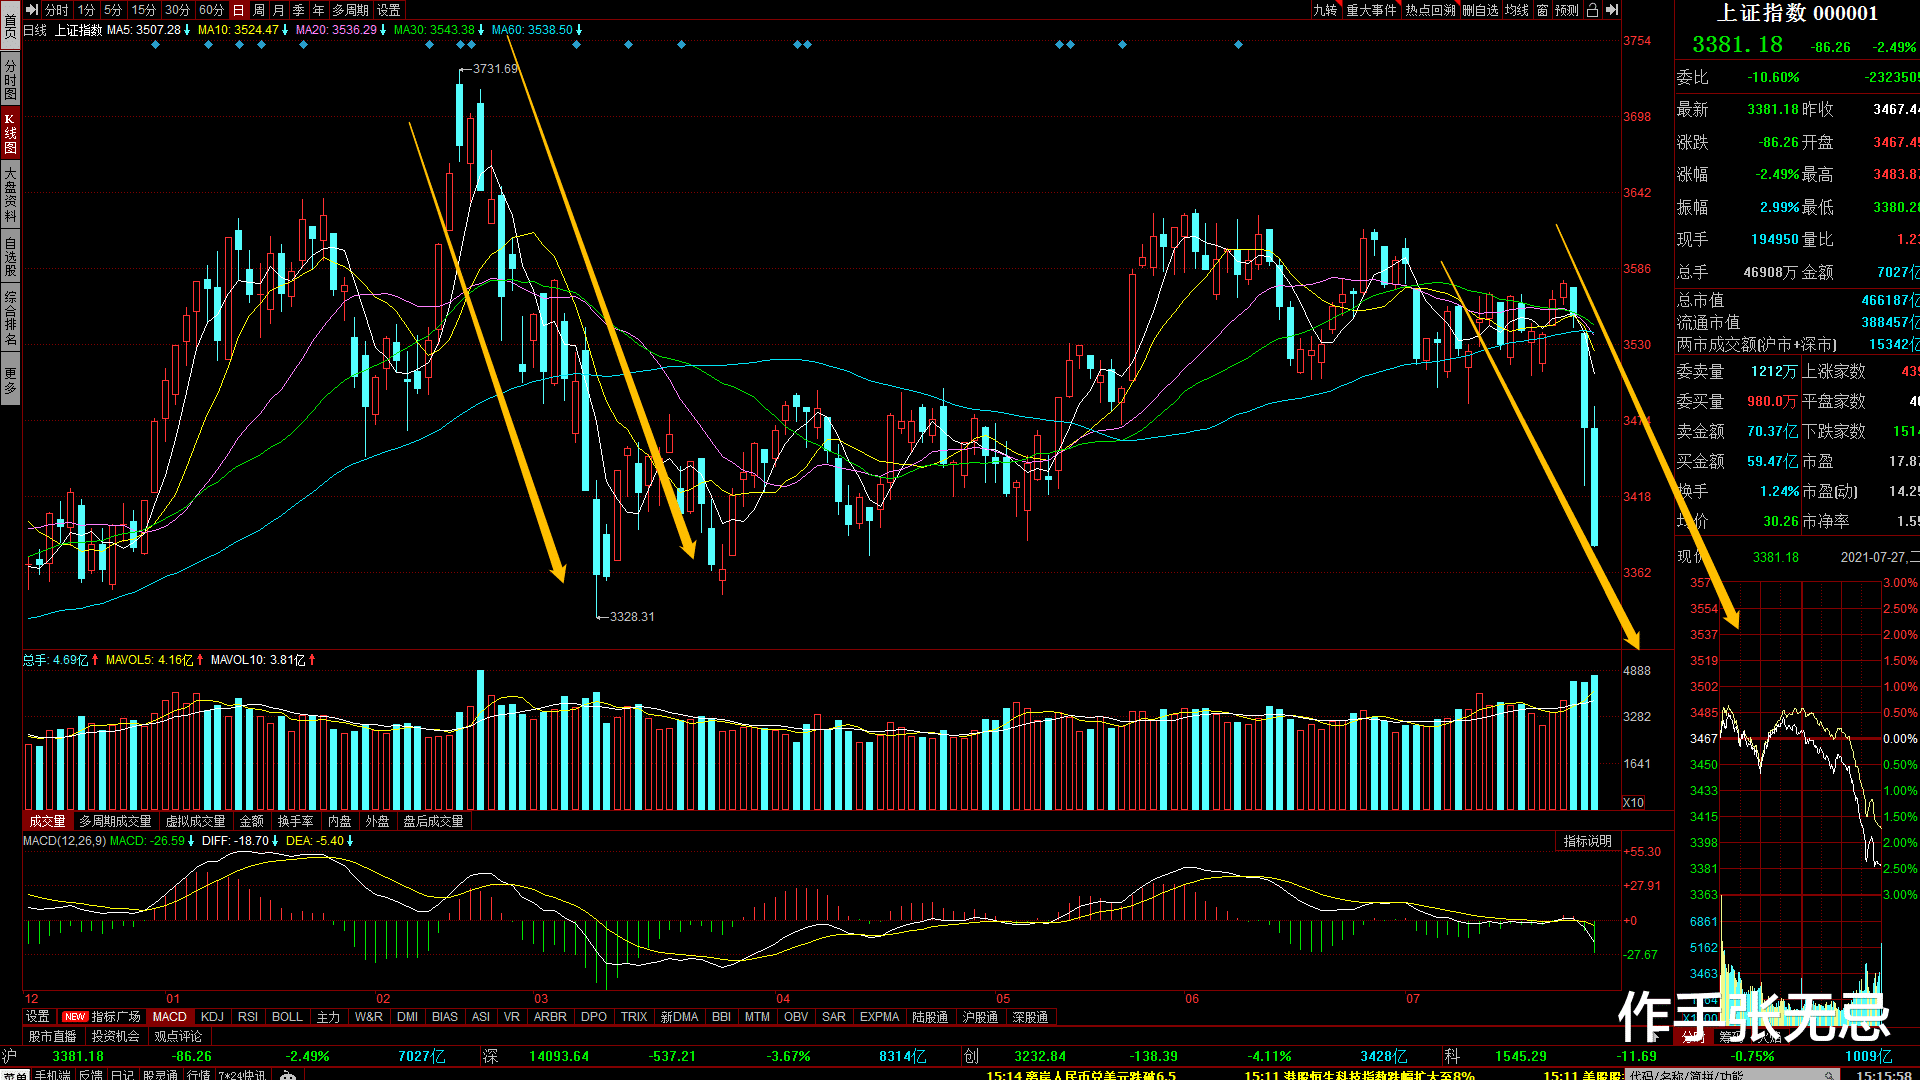 2021-7-27日A股板塊復盤:鋰電股大幅回調,明天的市場怎麼走?-圖2